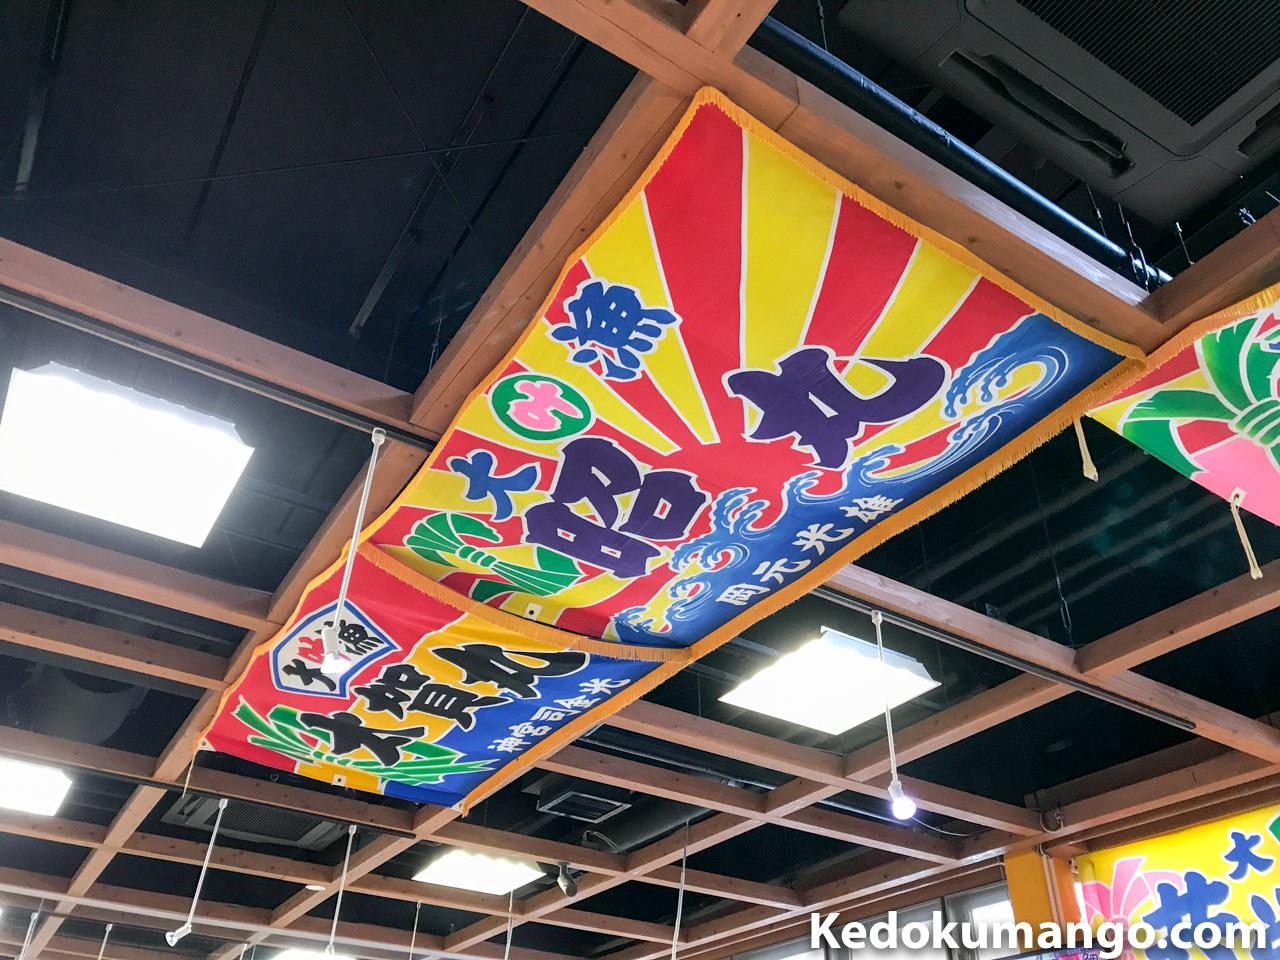 江口蓬莱館に飾られた大漁旗